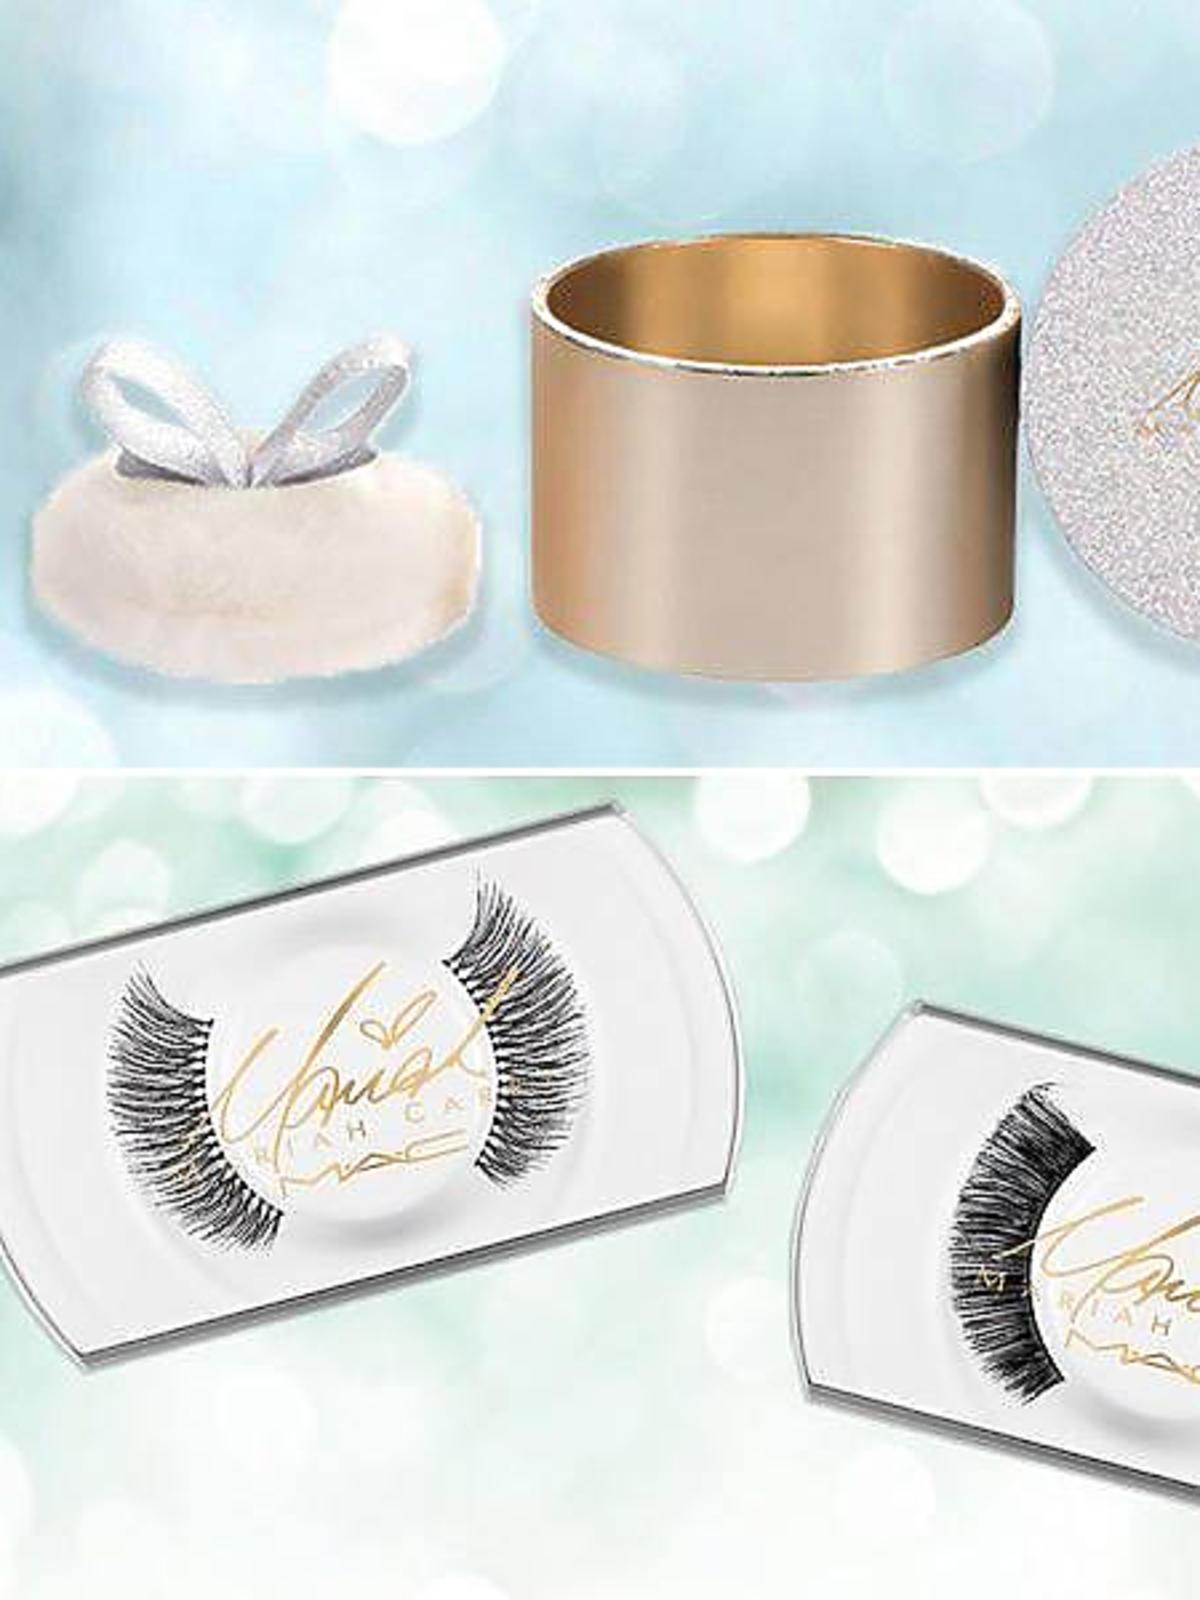 Kosmetyki Mariah Carey dla MAC: puder, sztuczne rzęsy